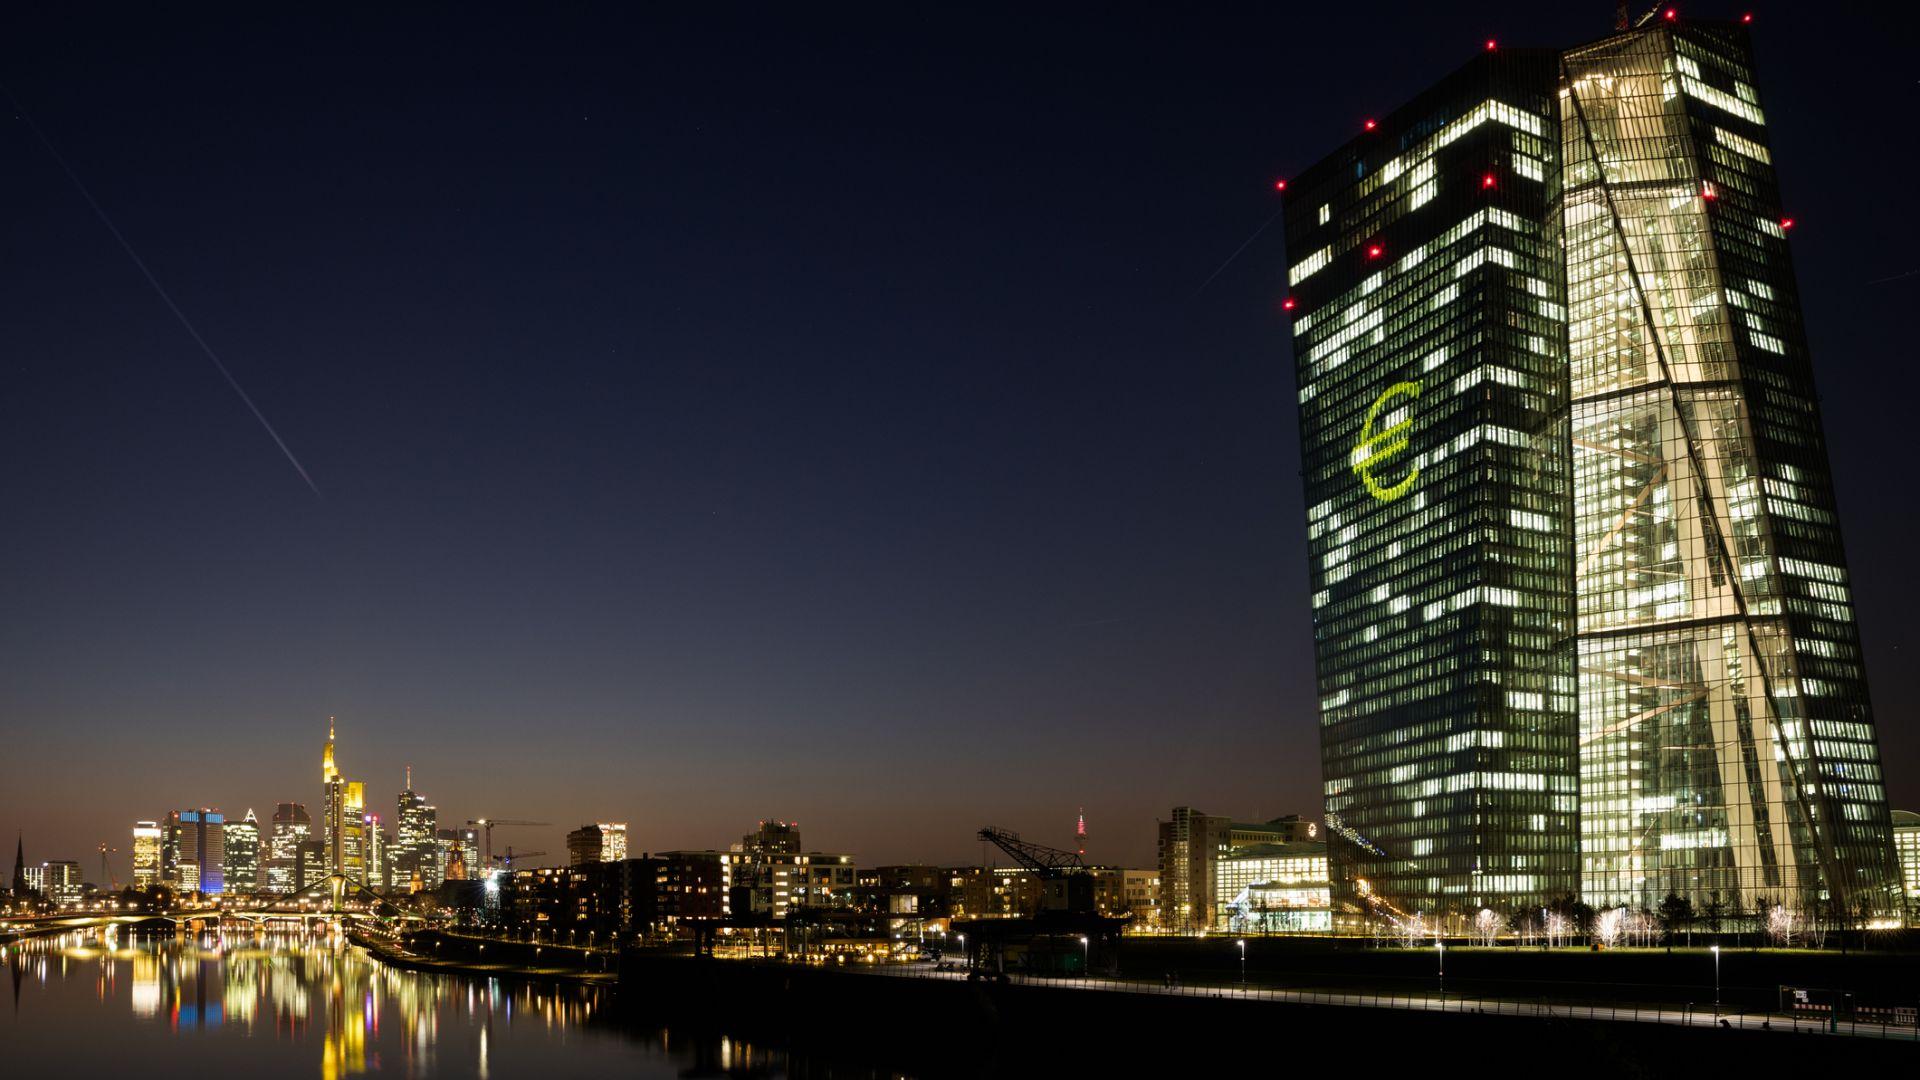 """След като изостави стратегията """"близо до, но под 2%"""", ЕЦБ смята да продължи лесното кредитиране"""